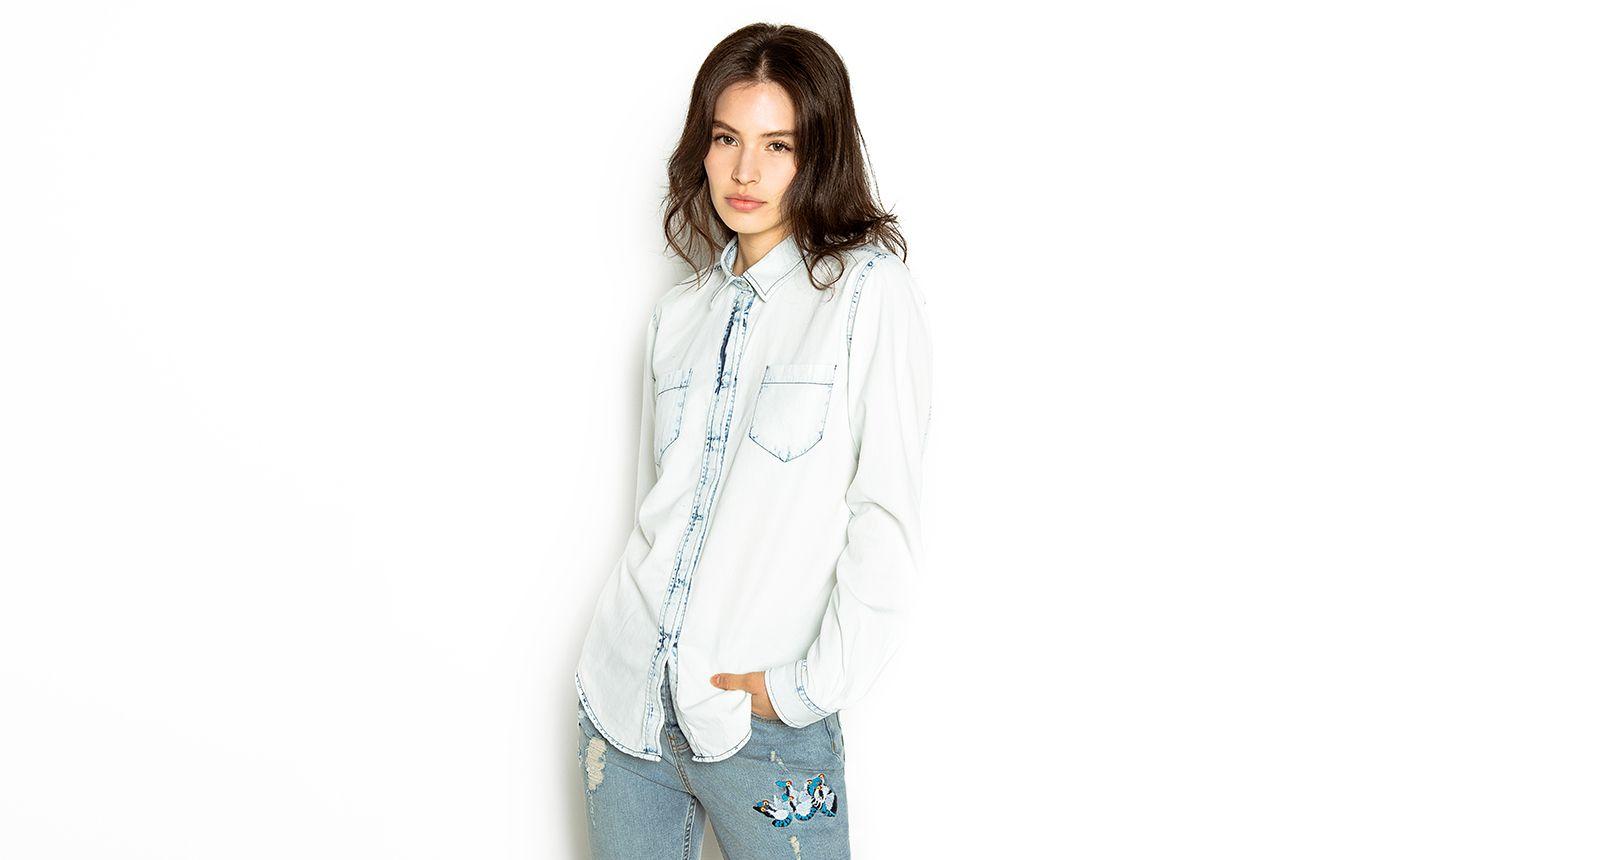 C&A Camisa de mezclilla - cyamoda